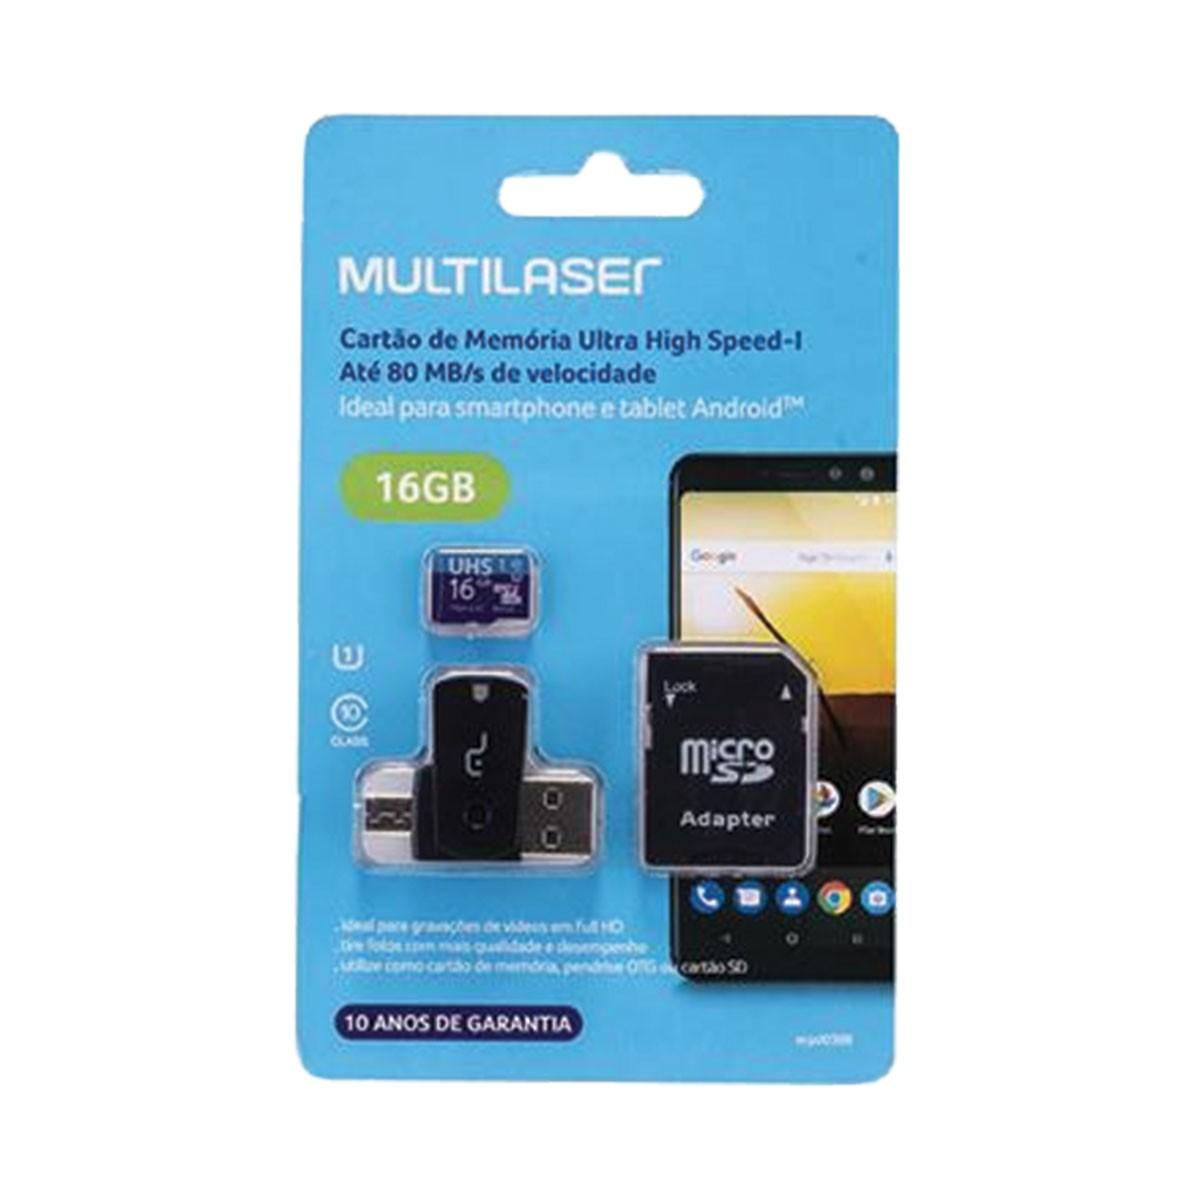 Cartão de Memória 4X1 ULTRA HIGH Speed ATE 80 MB/S UHS1 16GB +adaptador SD USB Dual MC150 Classe 10